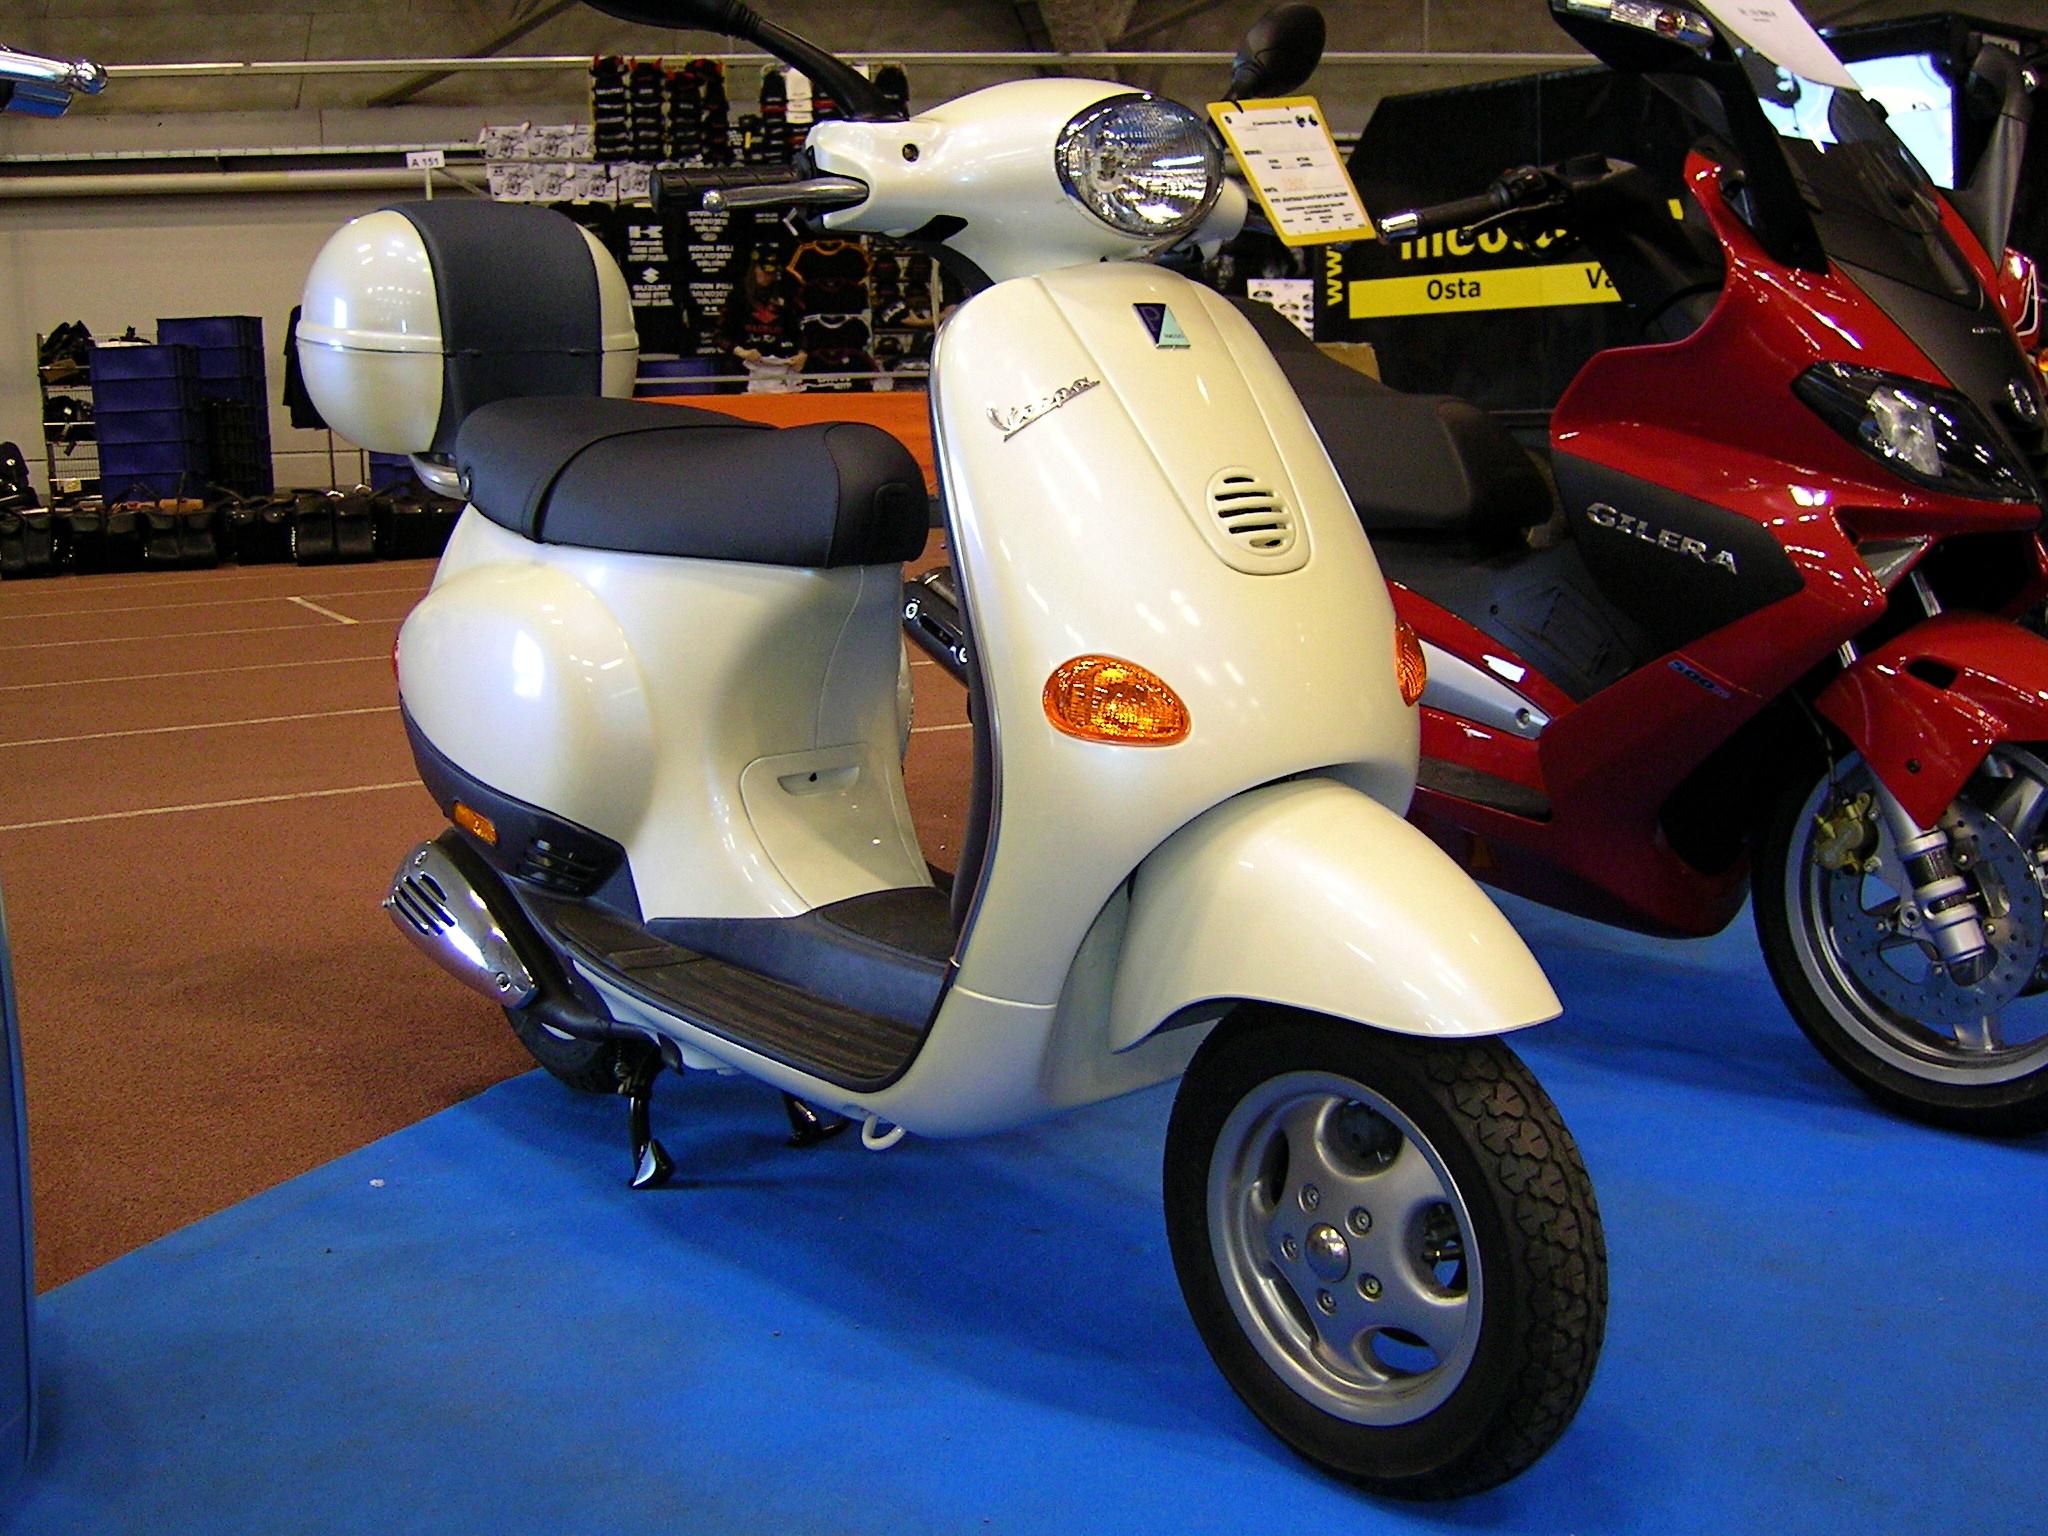 image gallery 2004 vespa 50 scooter. Black Bedroom Furniture Sets. Home Design Ideas